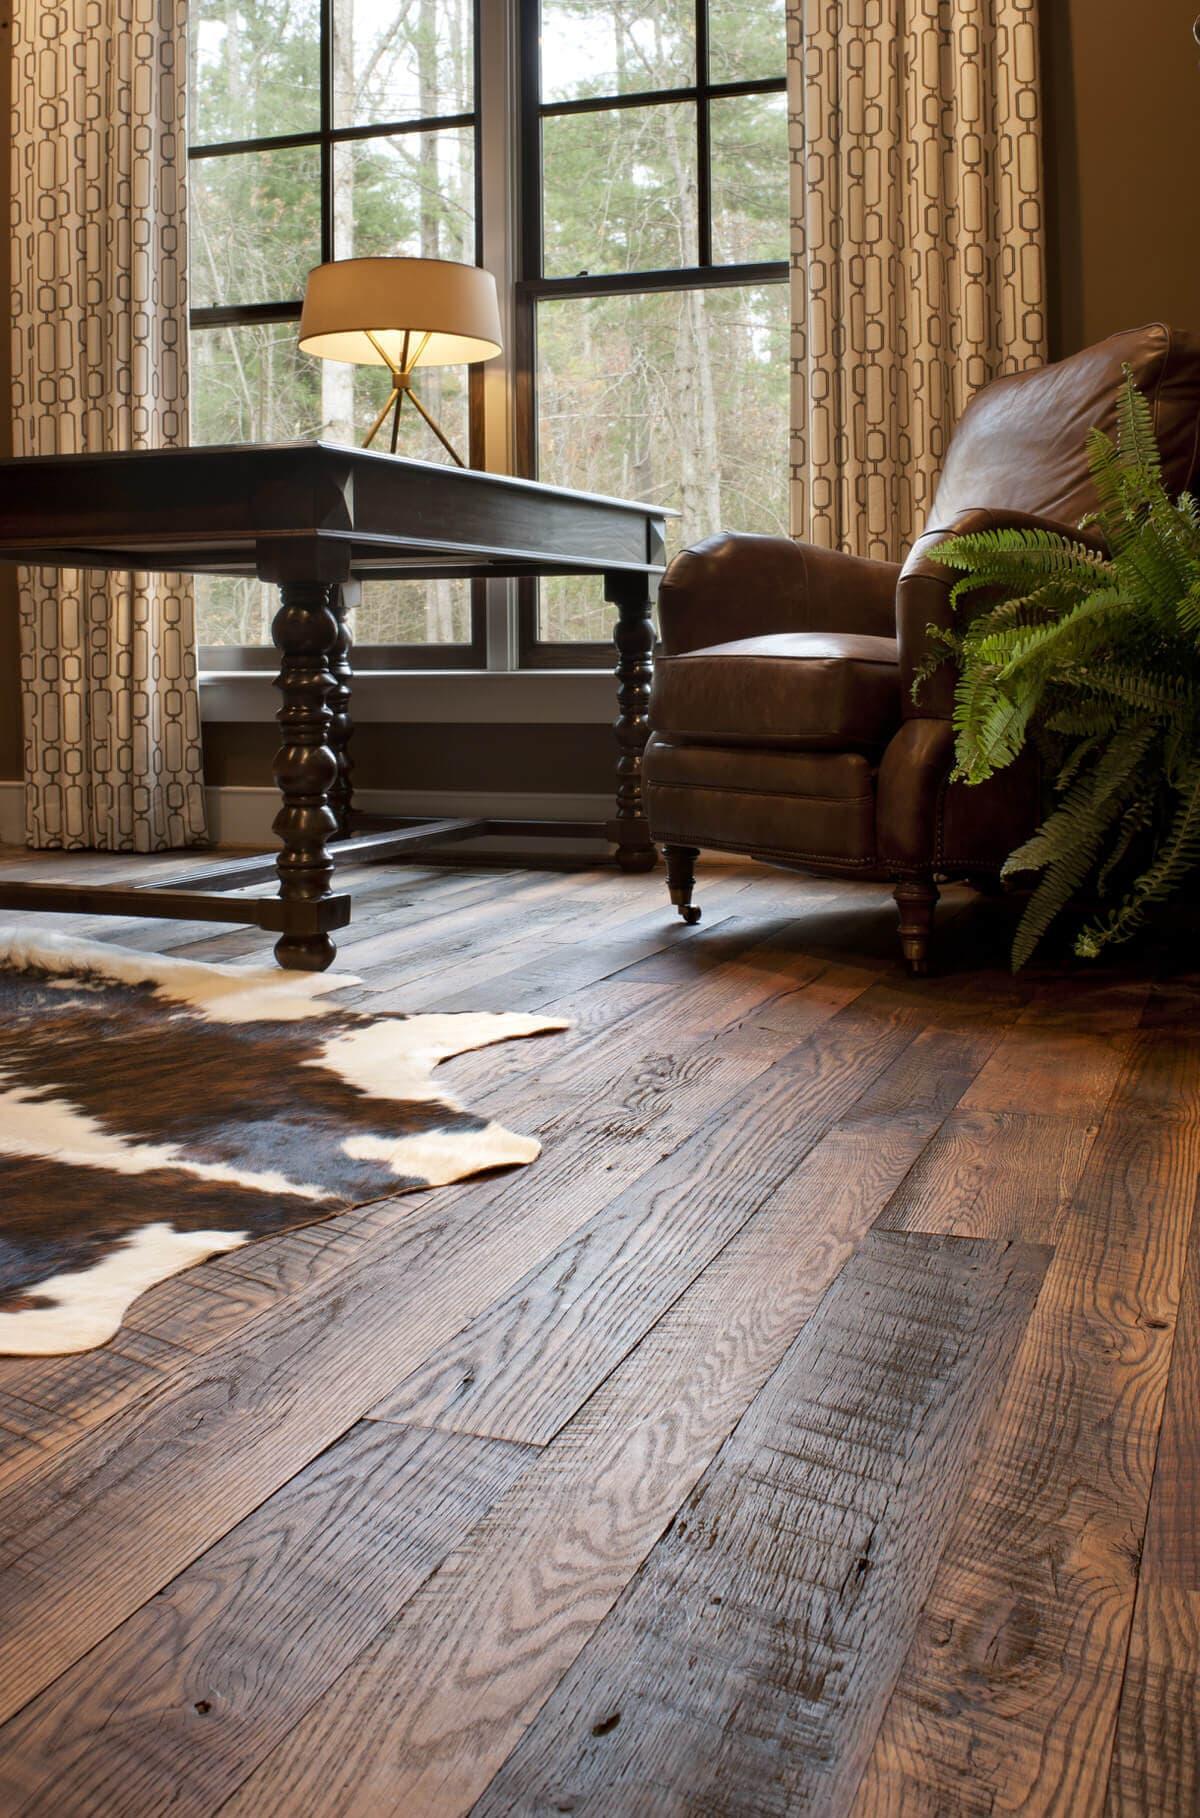 Reclaimed wood flooring with cowhide rug on top.